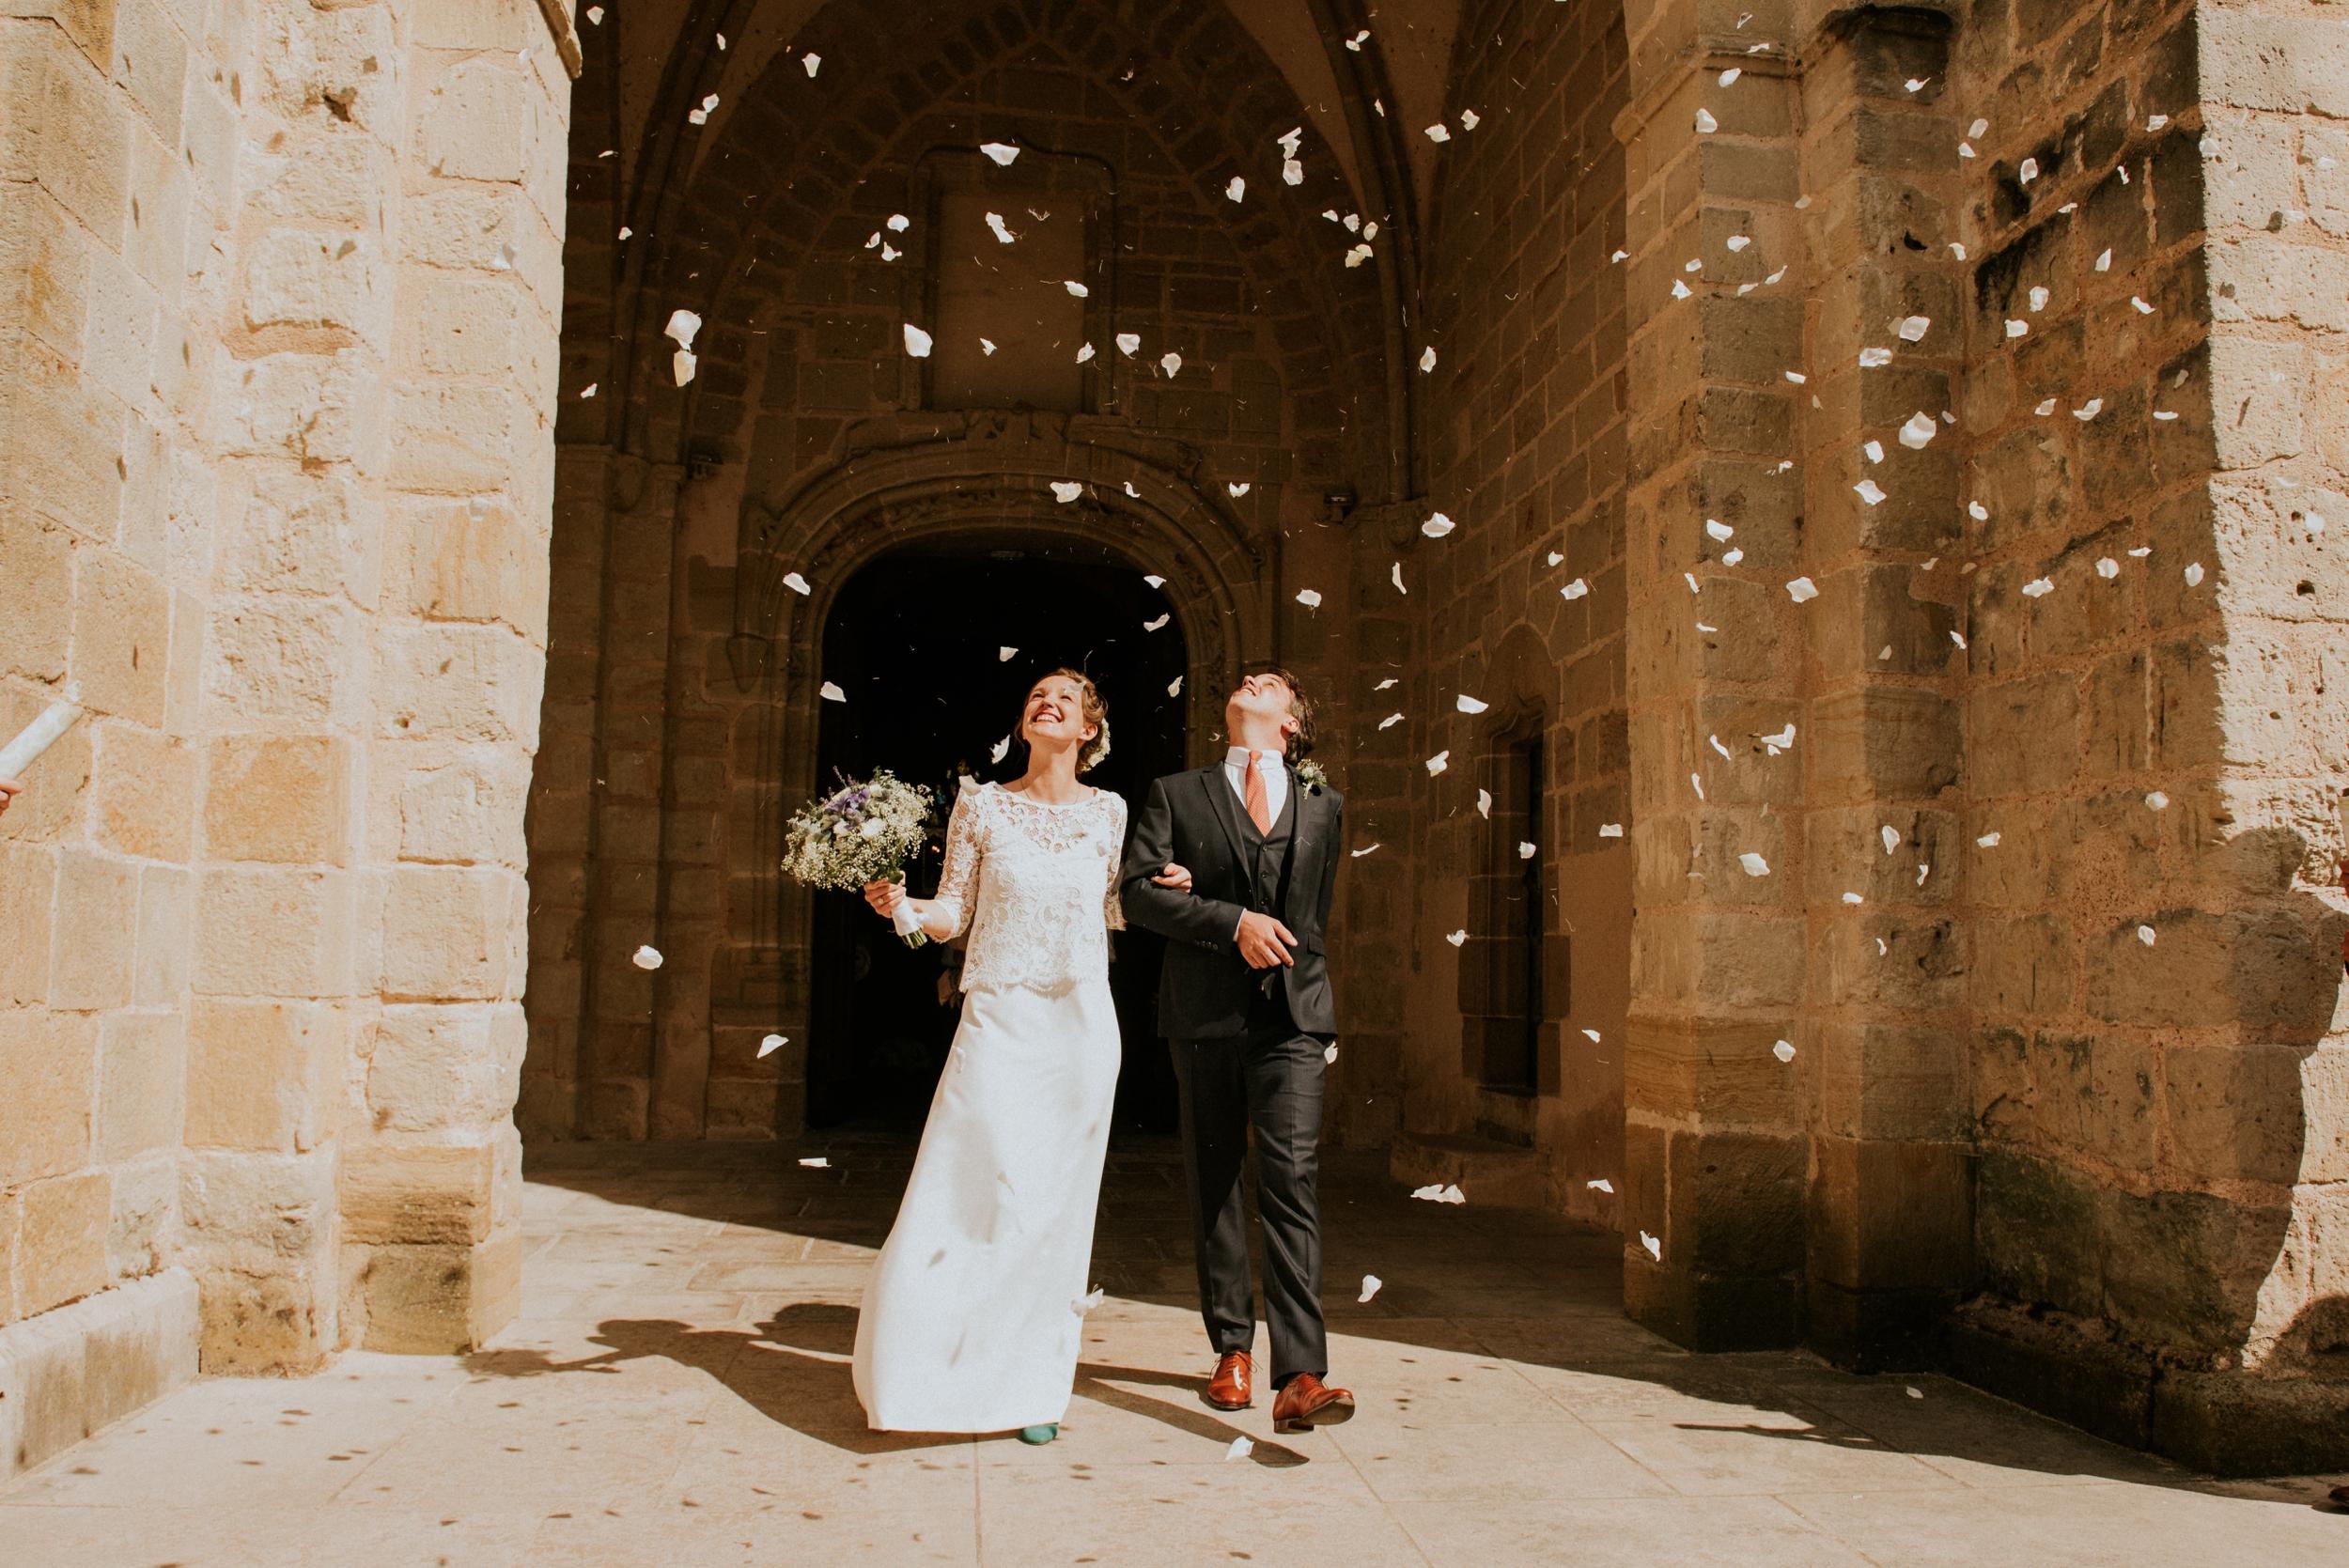 photographe mariage rhone alpes grenoble lyon annecy geneve montagne ceremonie laique_0035